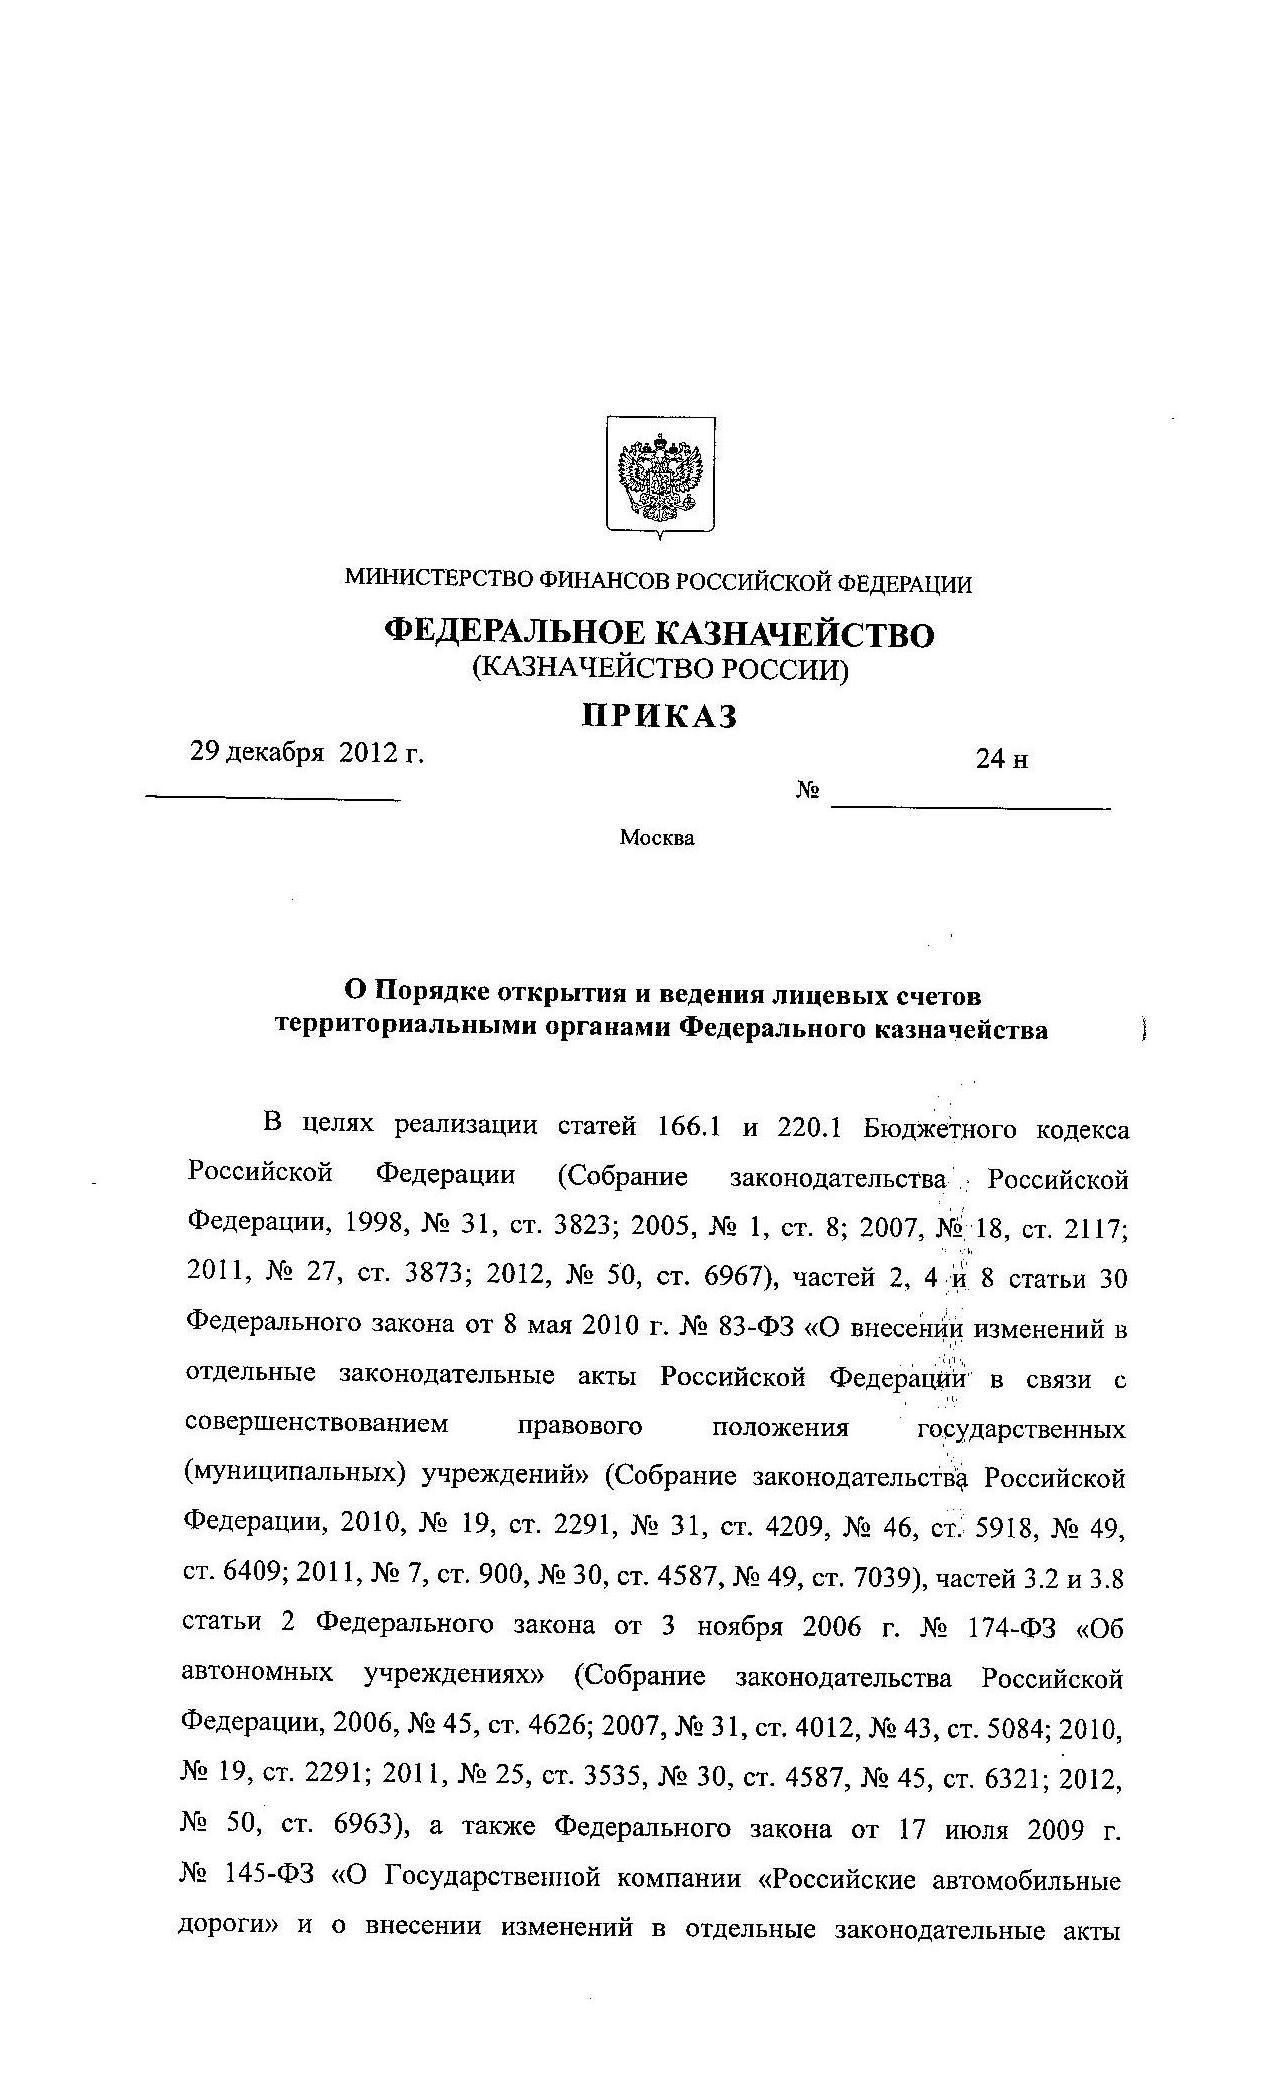 Приказ федерального казначейства 24н от 29.12.2012